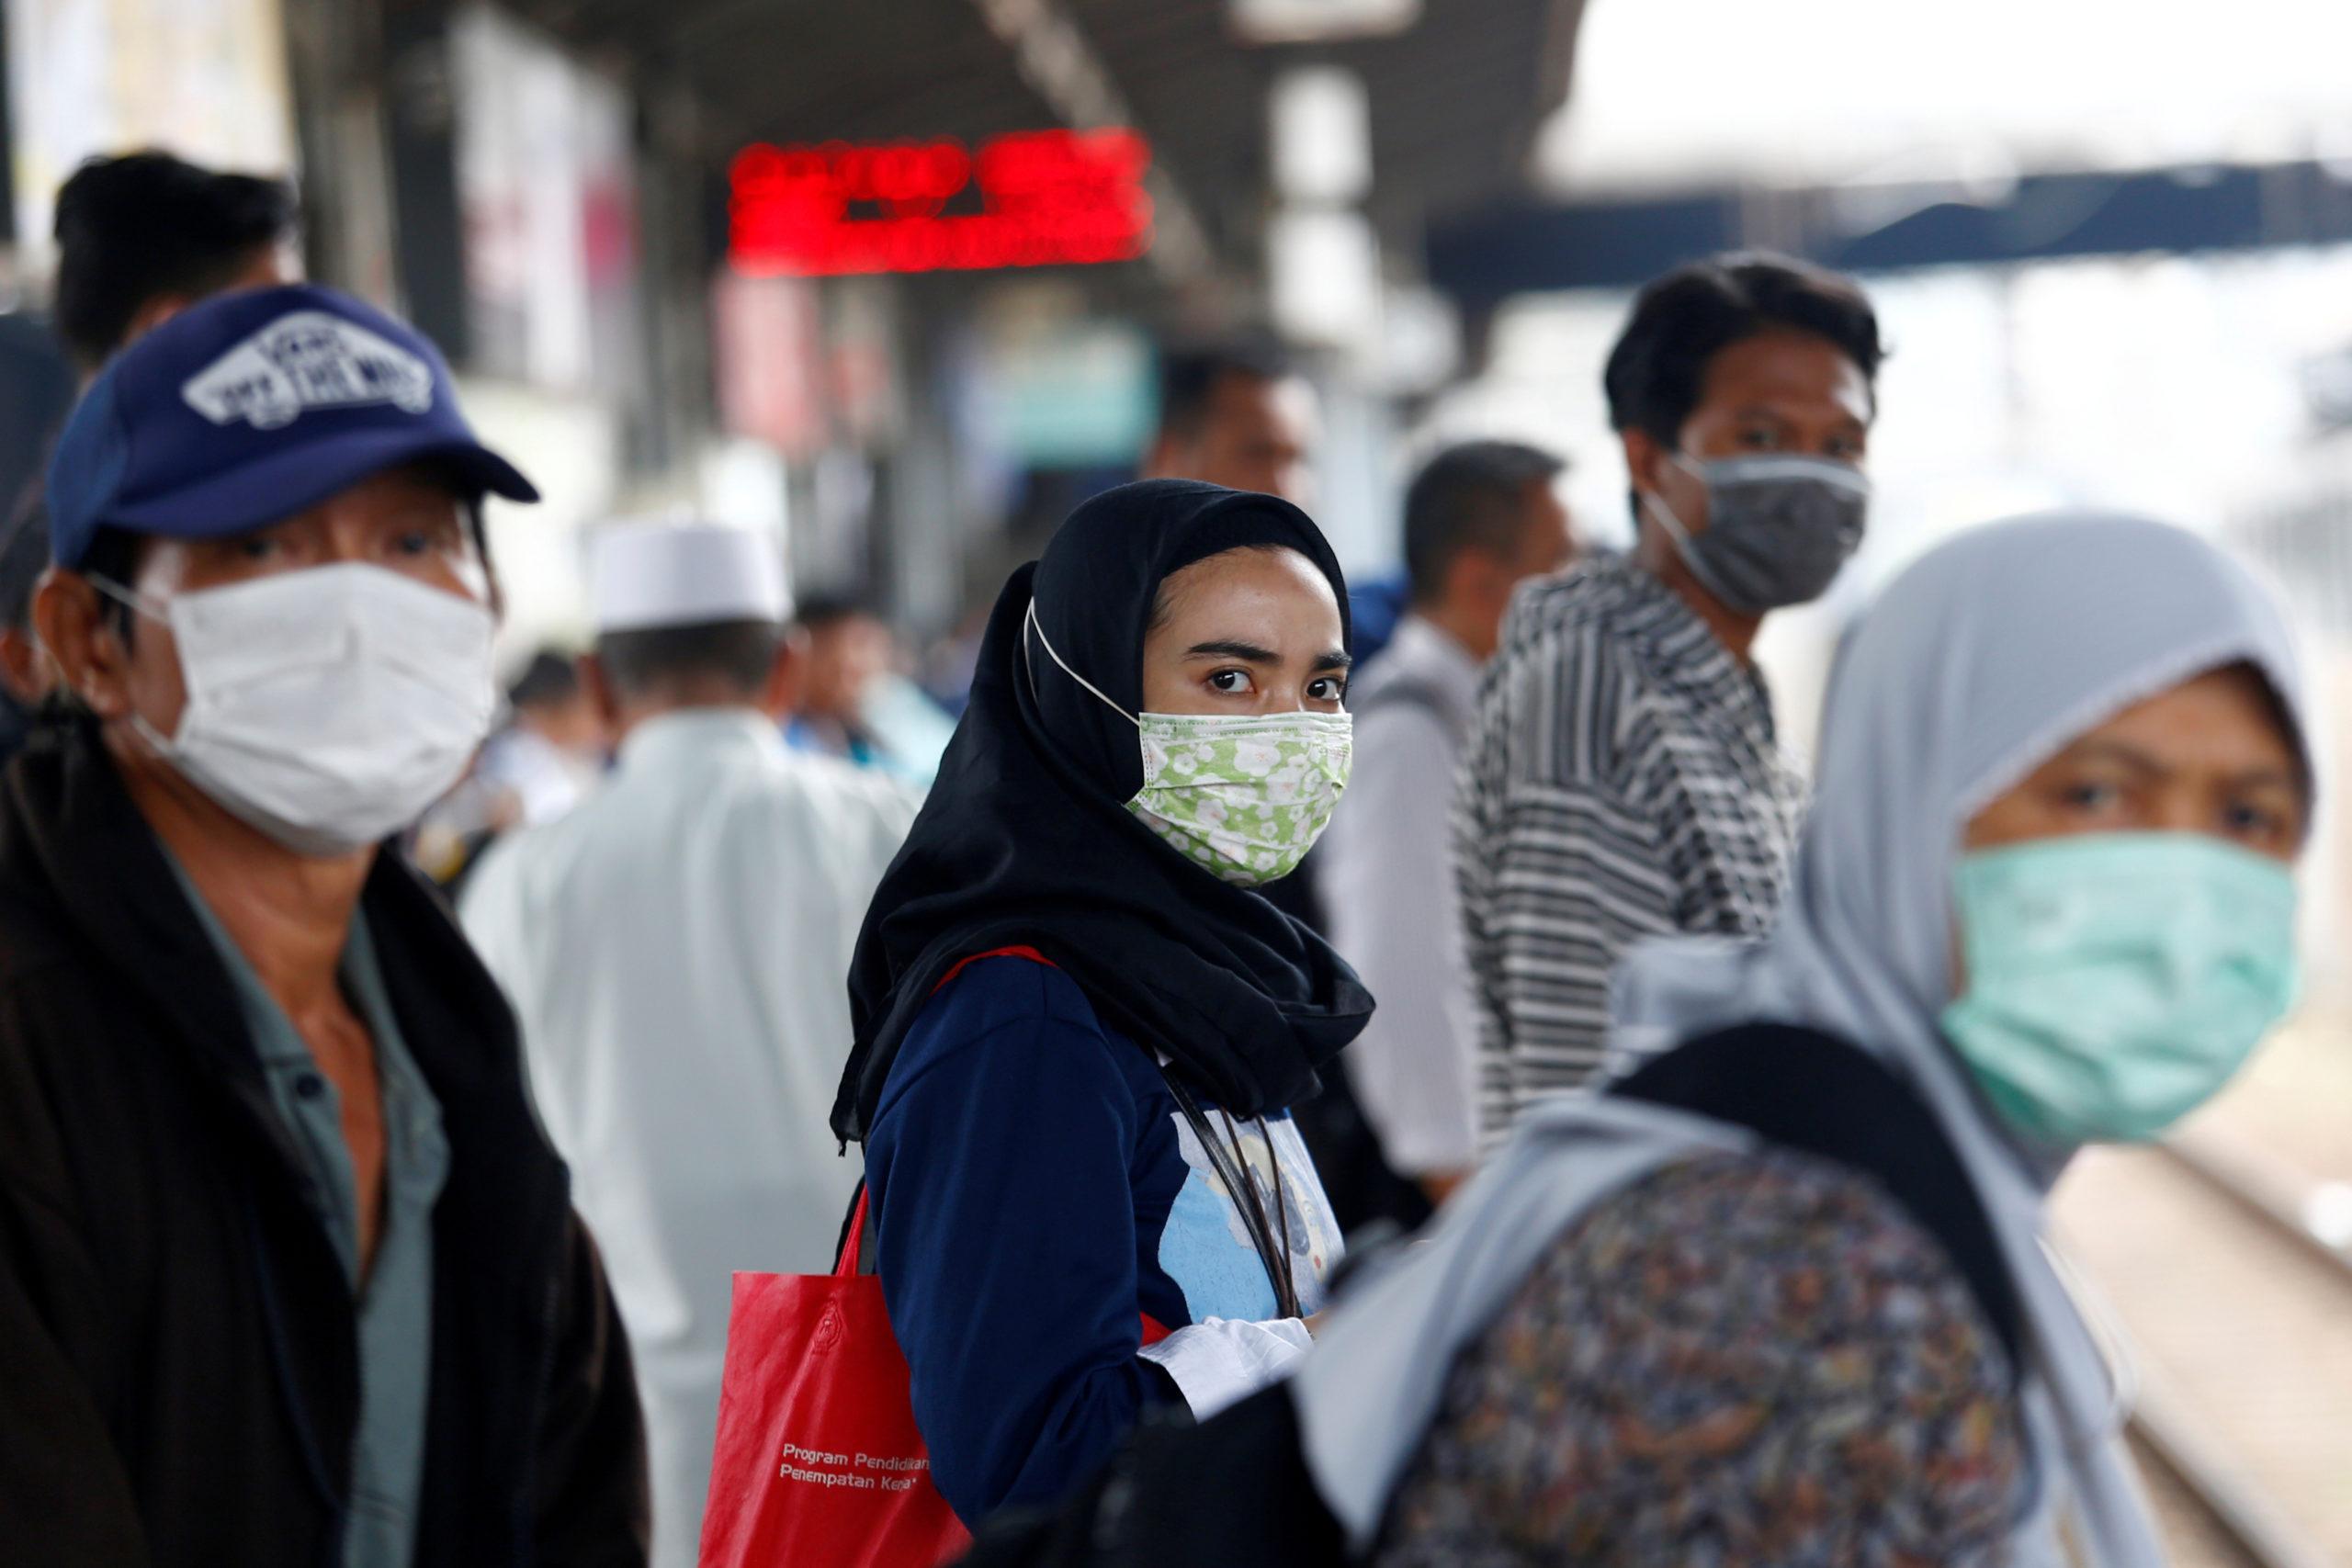 باكستان تجرى أكثر من مليون اختبار للكشف عن فيروس كورونا